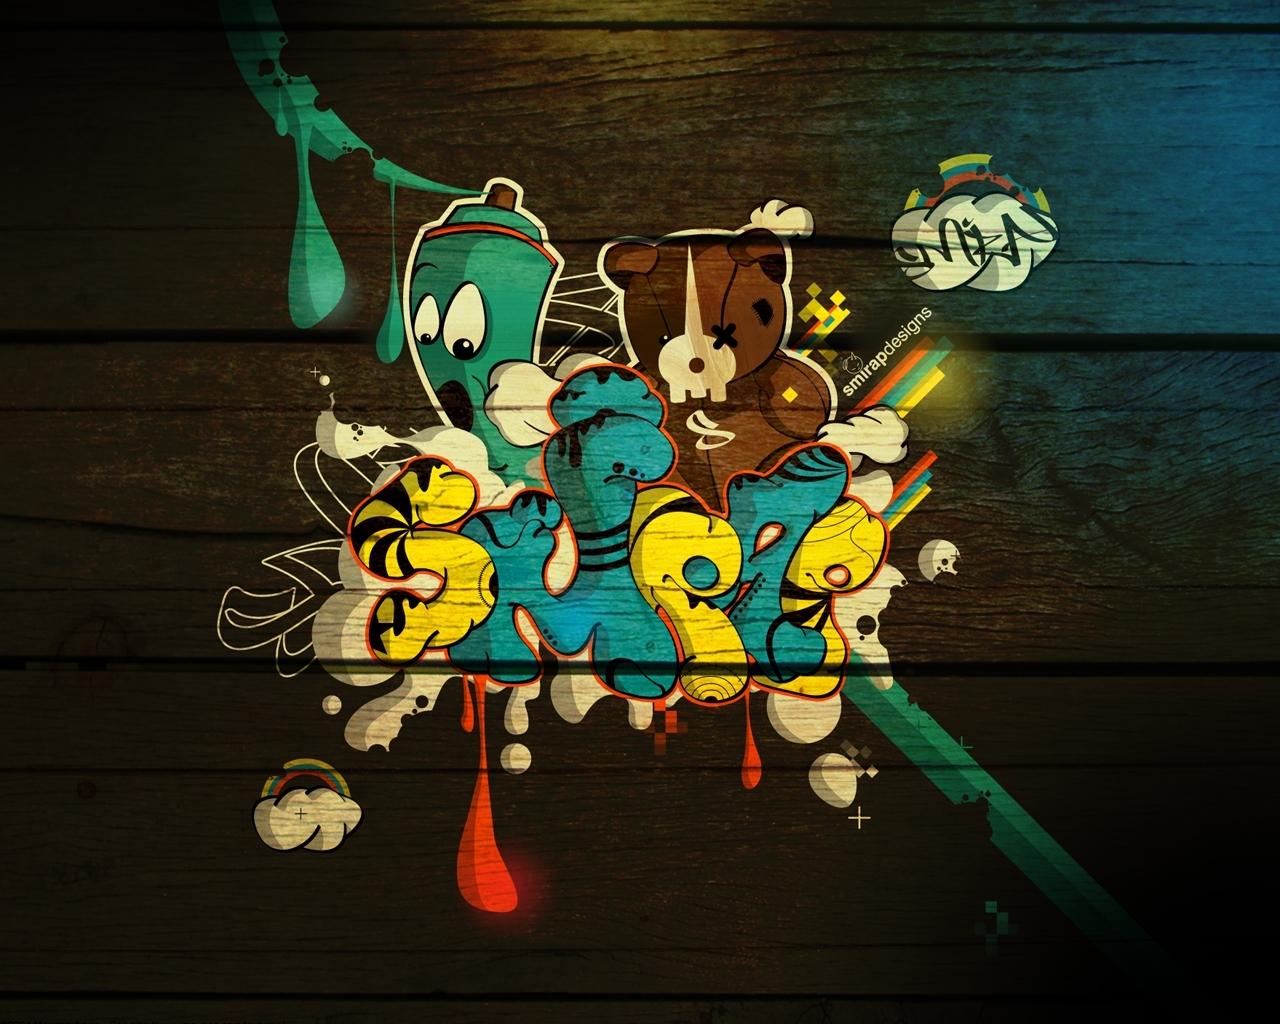 Fondos de pantalla graffitis hd fondos de pantalla for Immagini graffiti hd